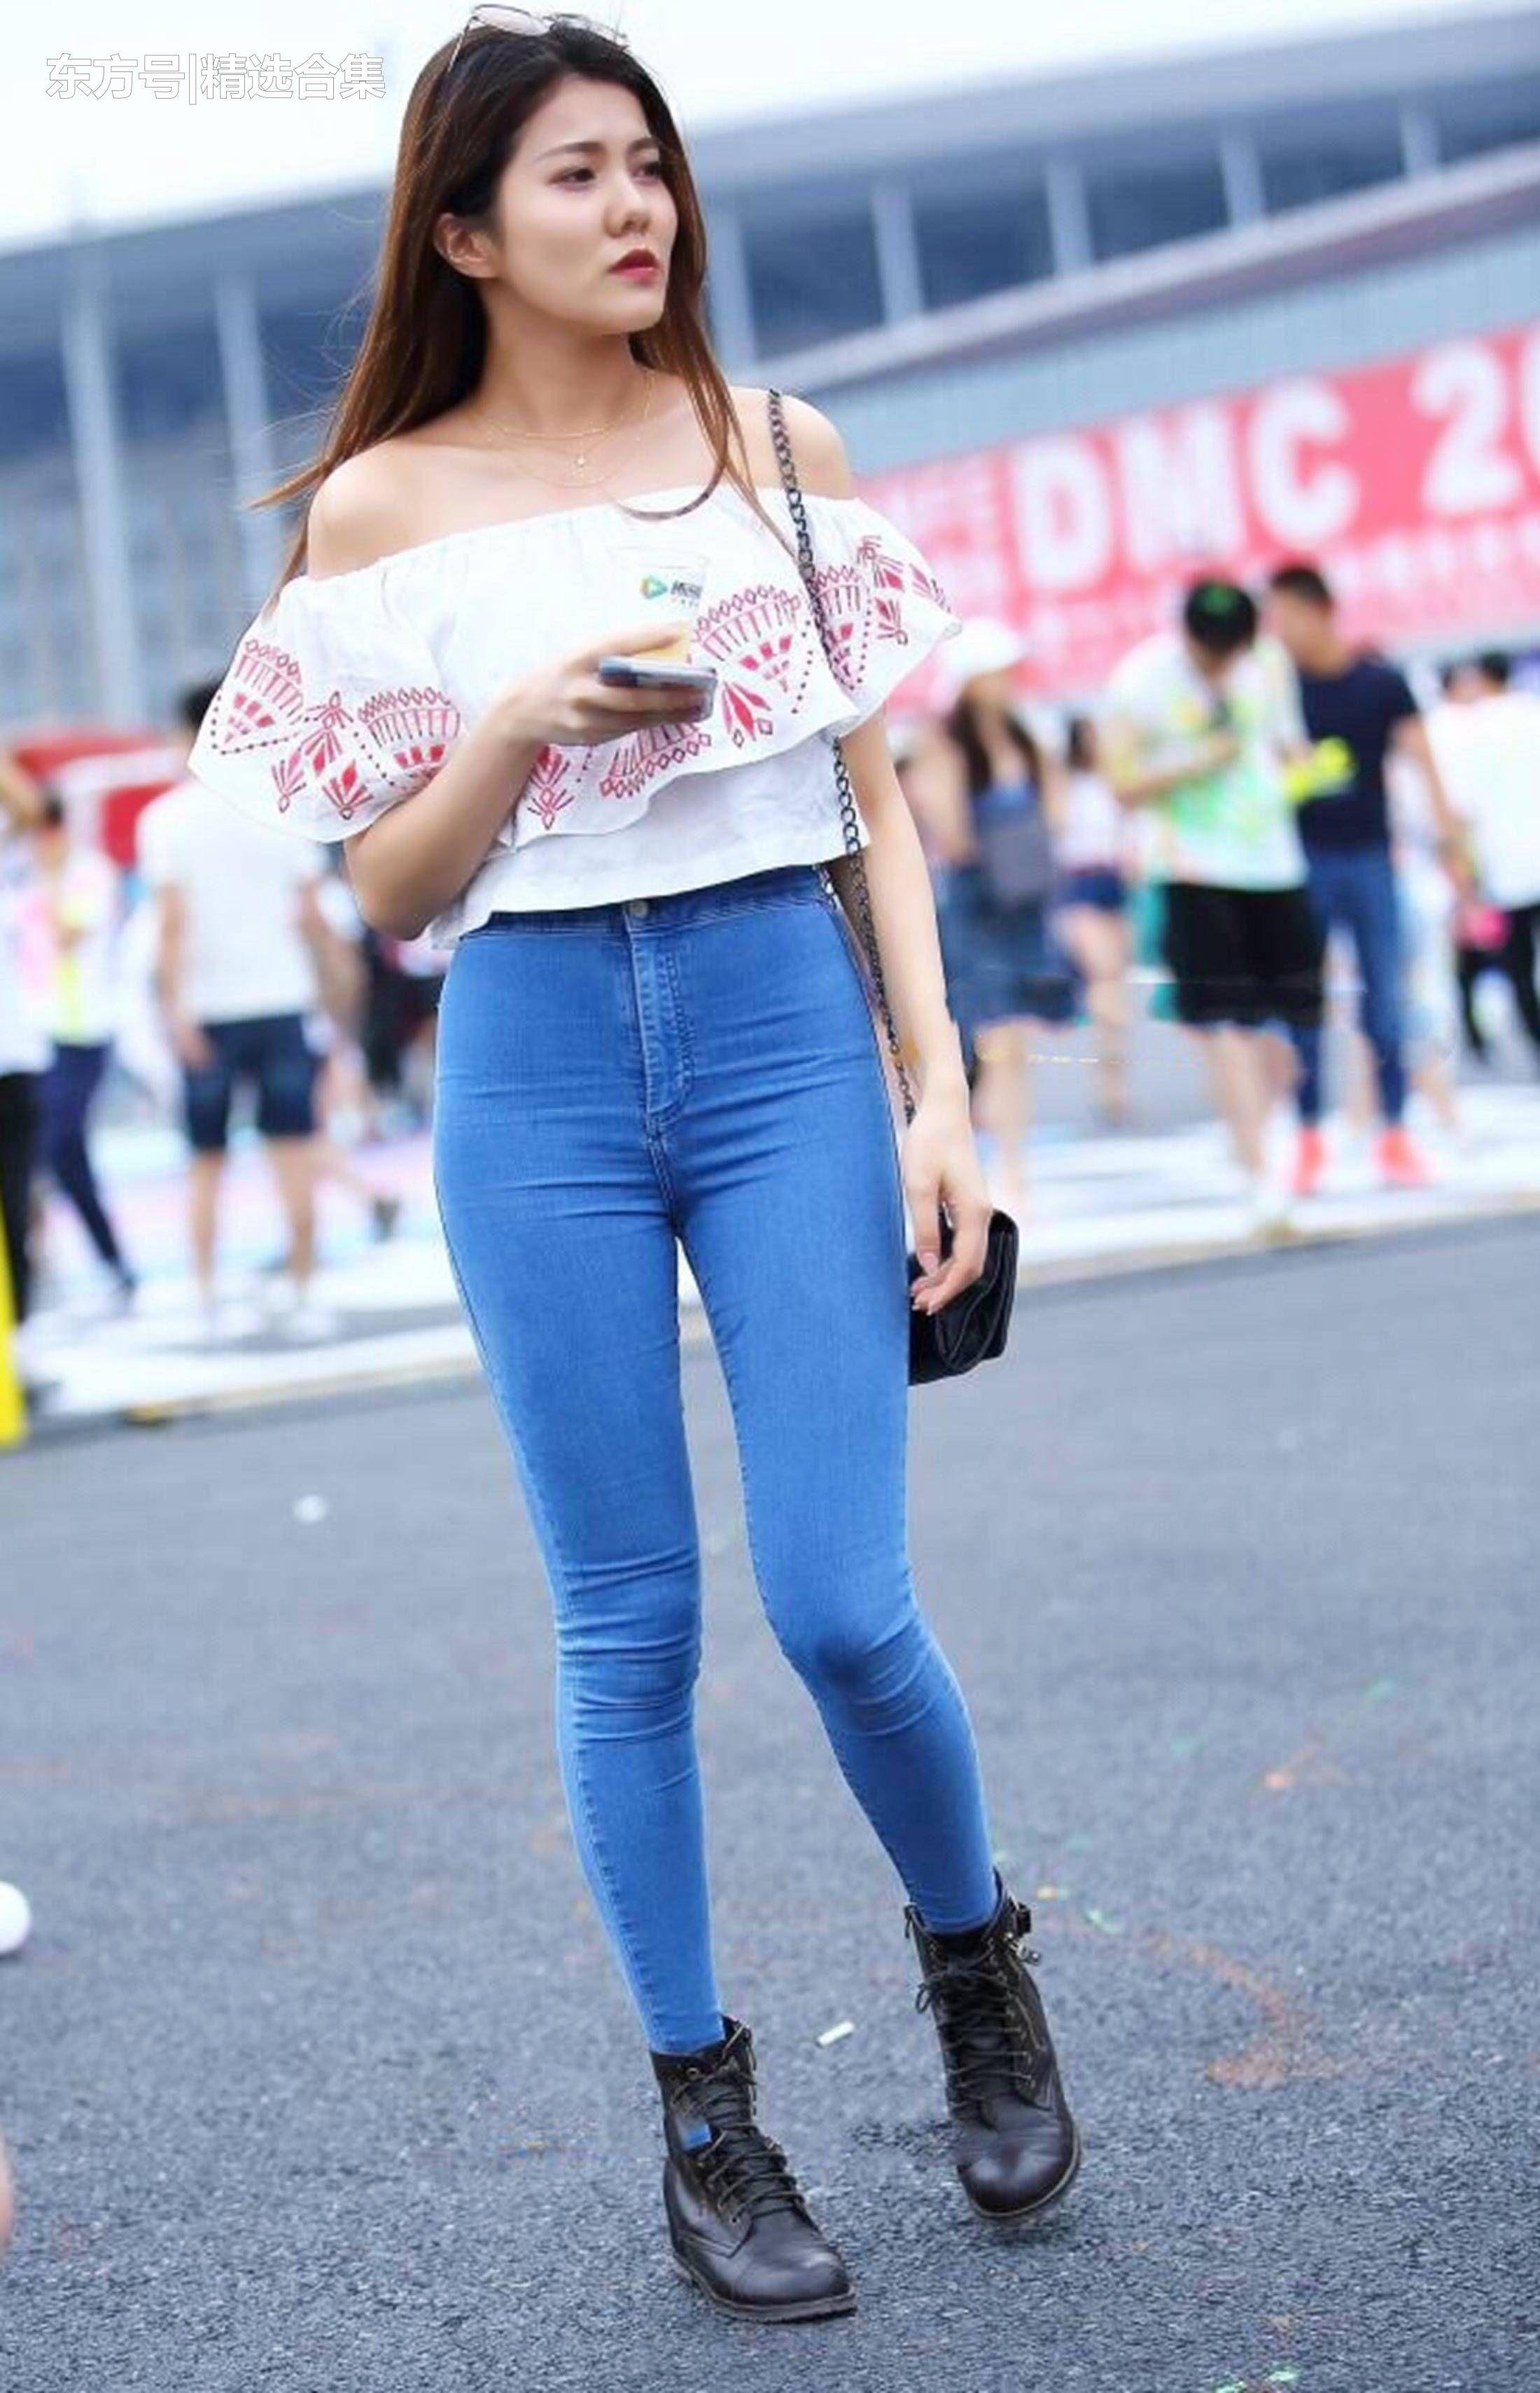 街拍:蓝色紧身牛仔裤搭配雪纺漏肩上衣,小姐姐